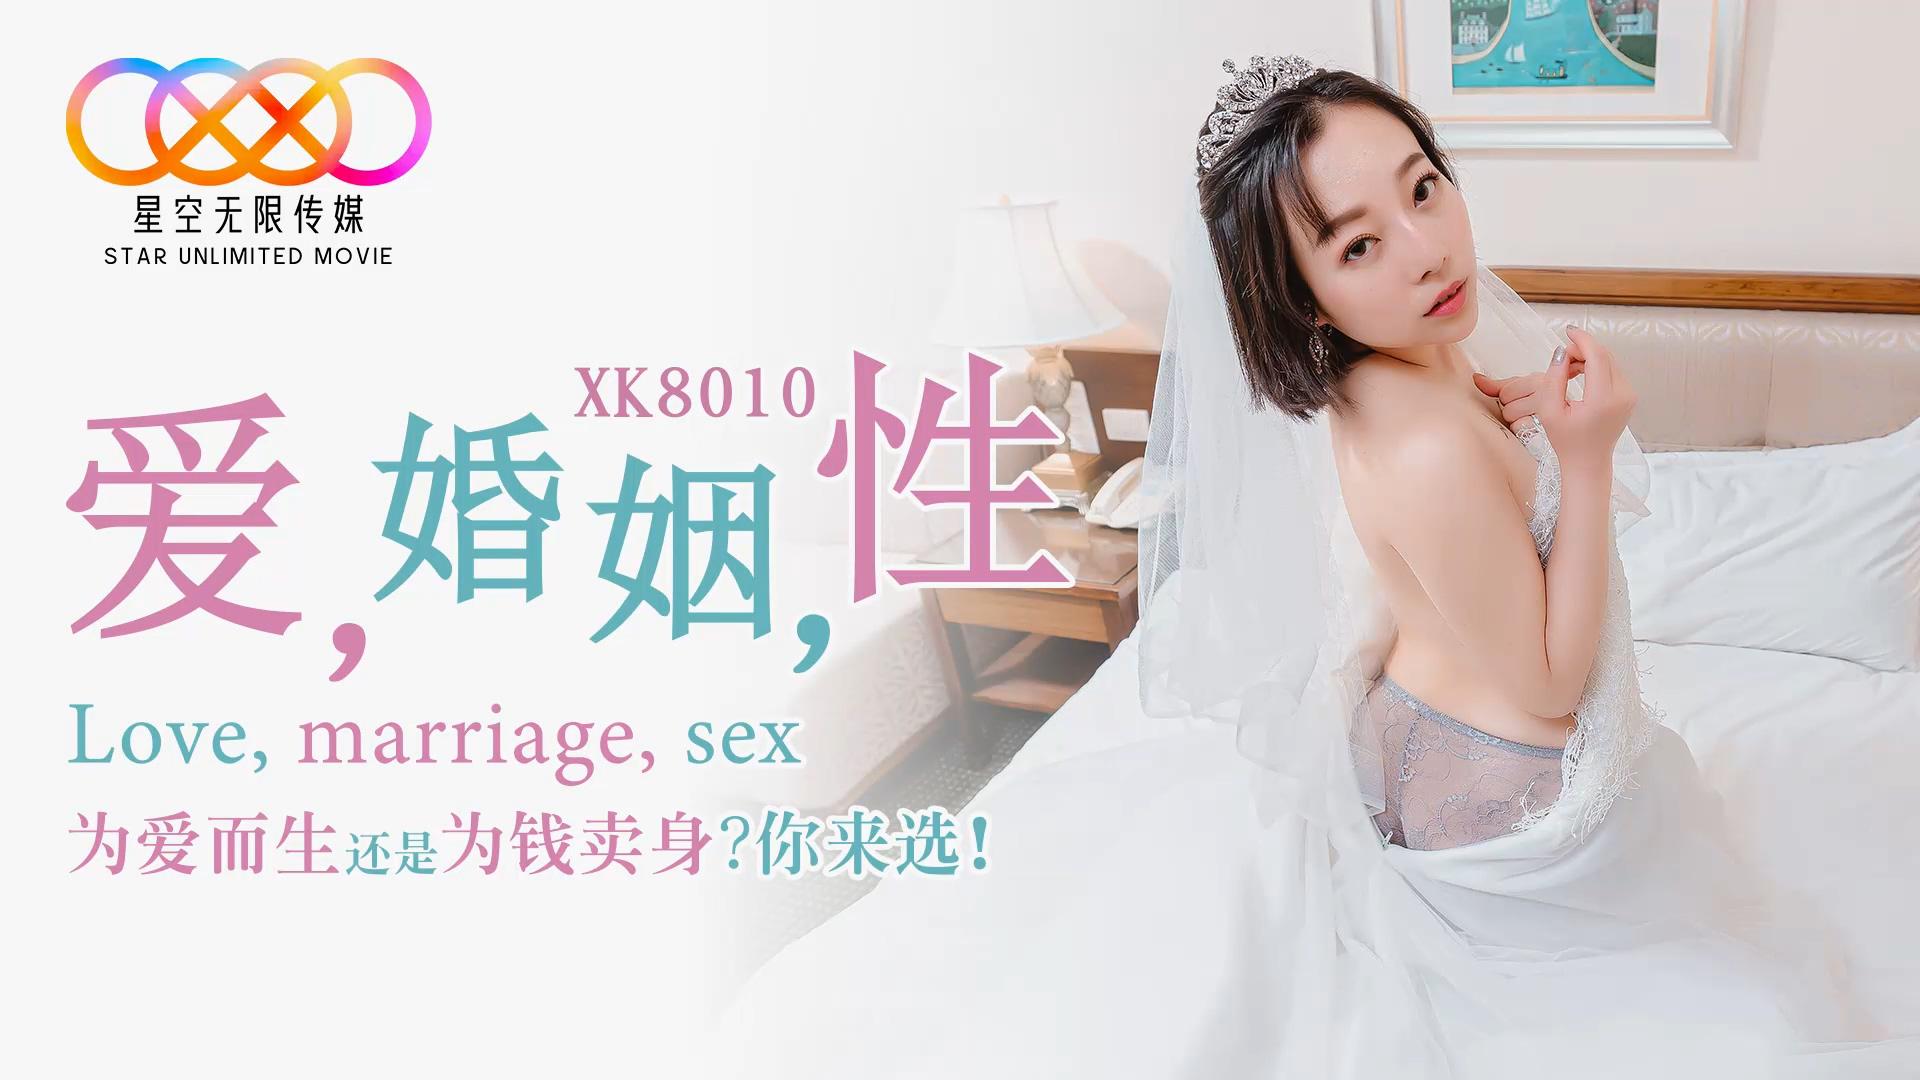 星空传媒XK8010爱婚姻性-思文